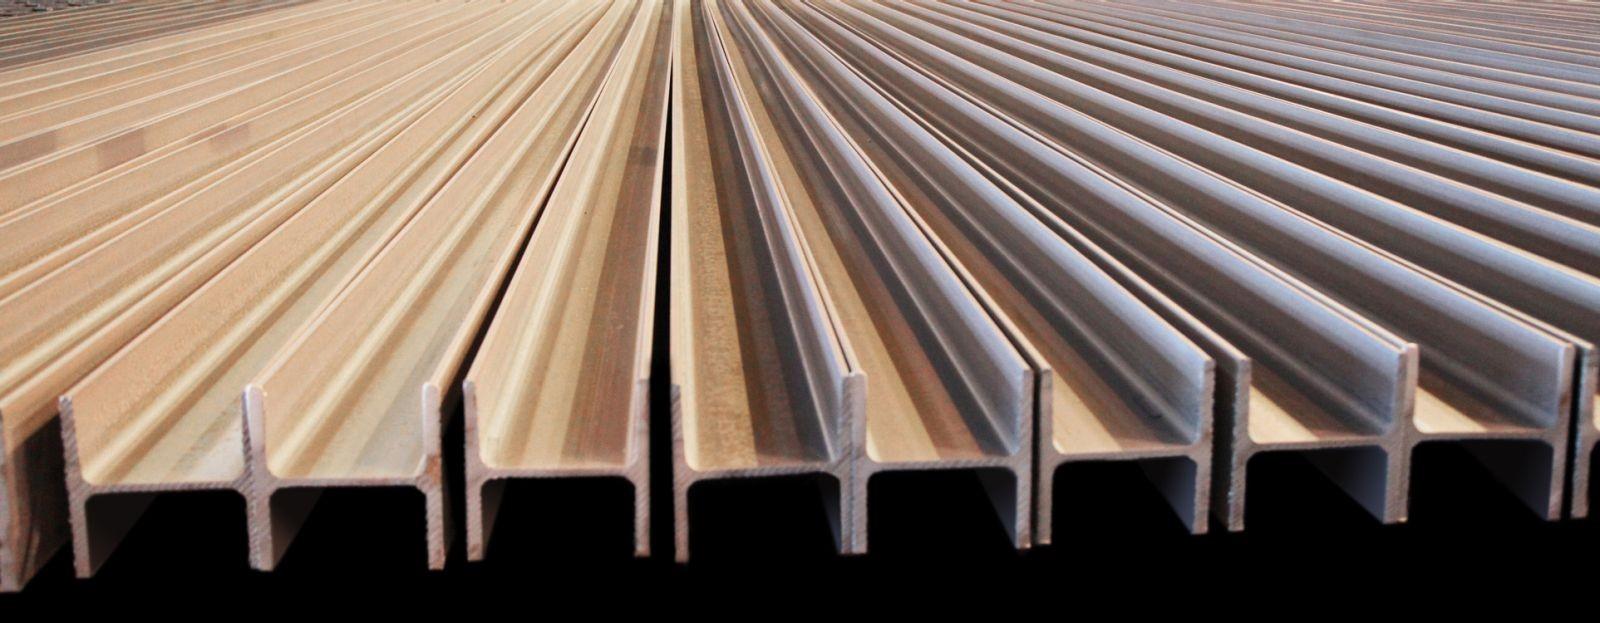 انواع استانداردهای تیرآهن